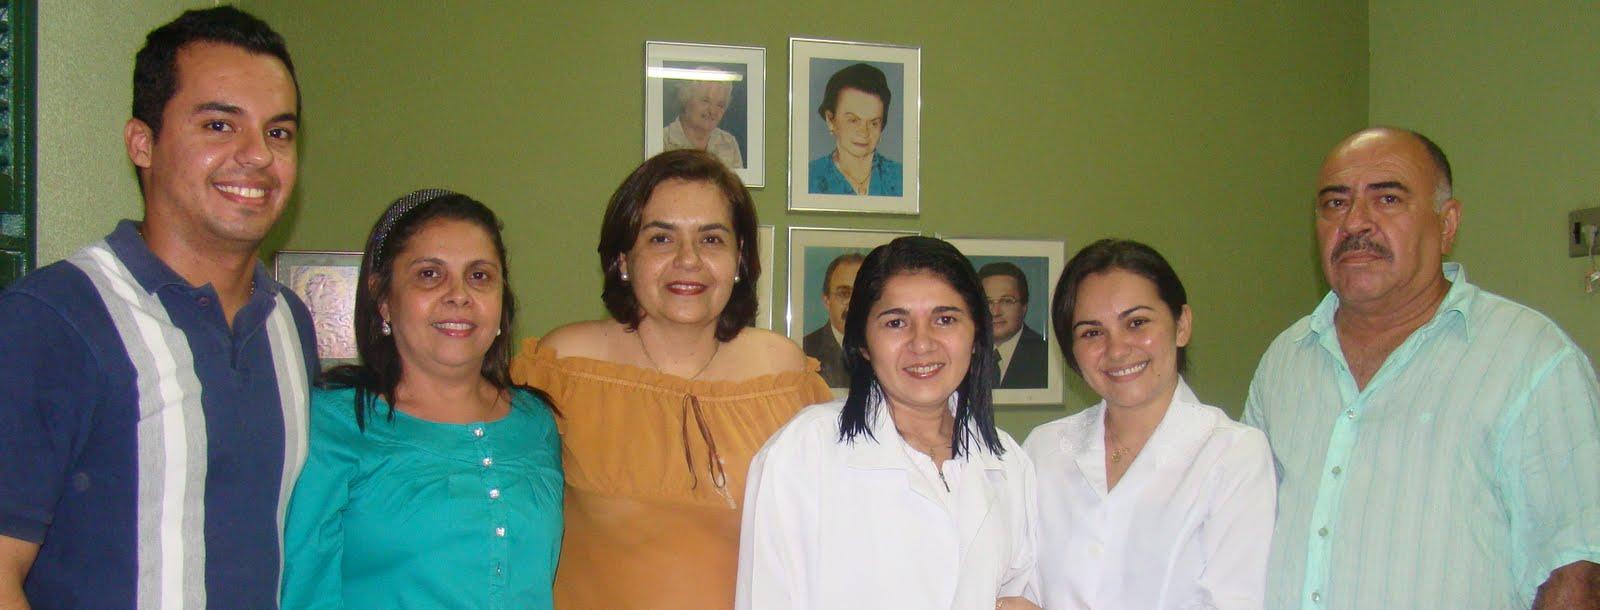 Hospital Dr Moura Ferreira